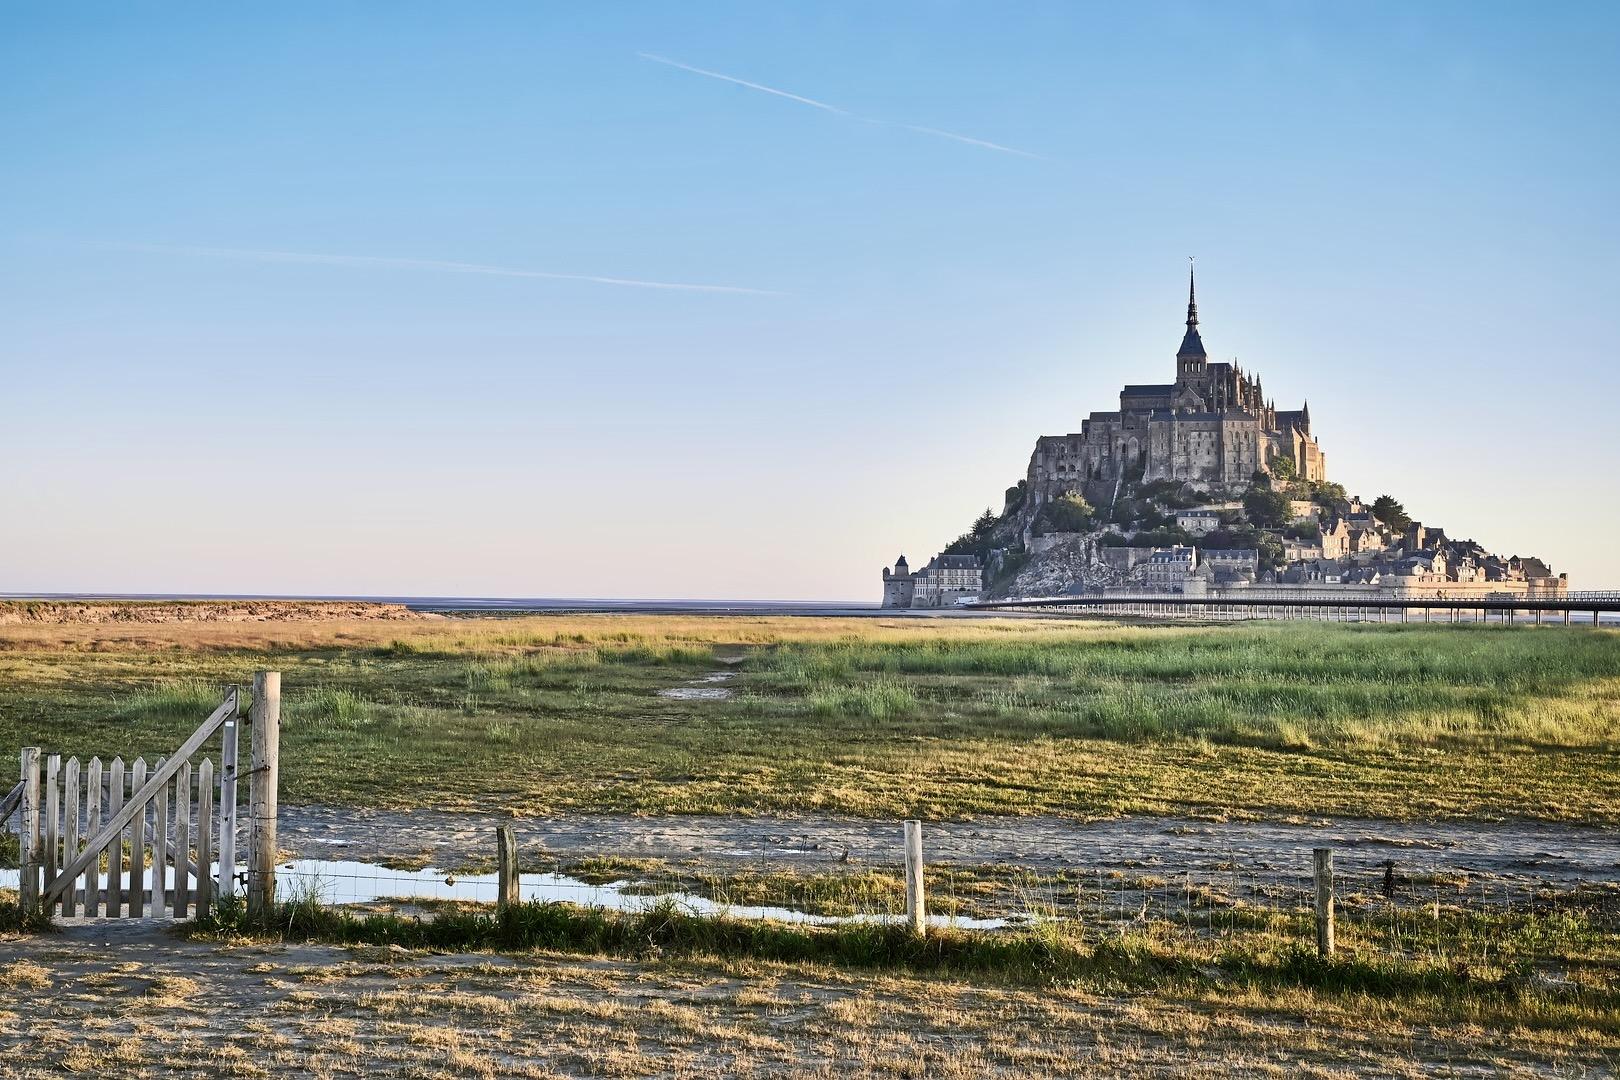 Mont Saint Michel gehört zu den bekanntesten Sehenswürdigkeiten in Frankreich